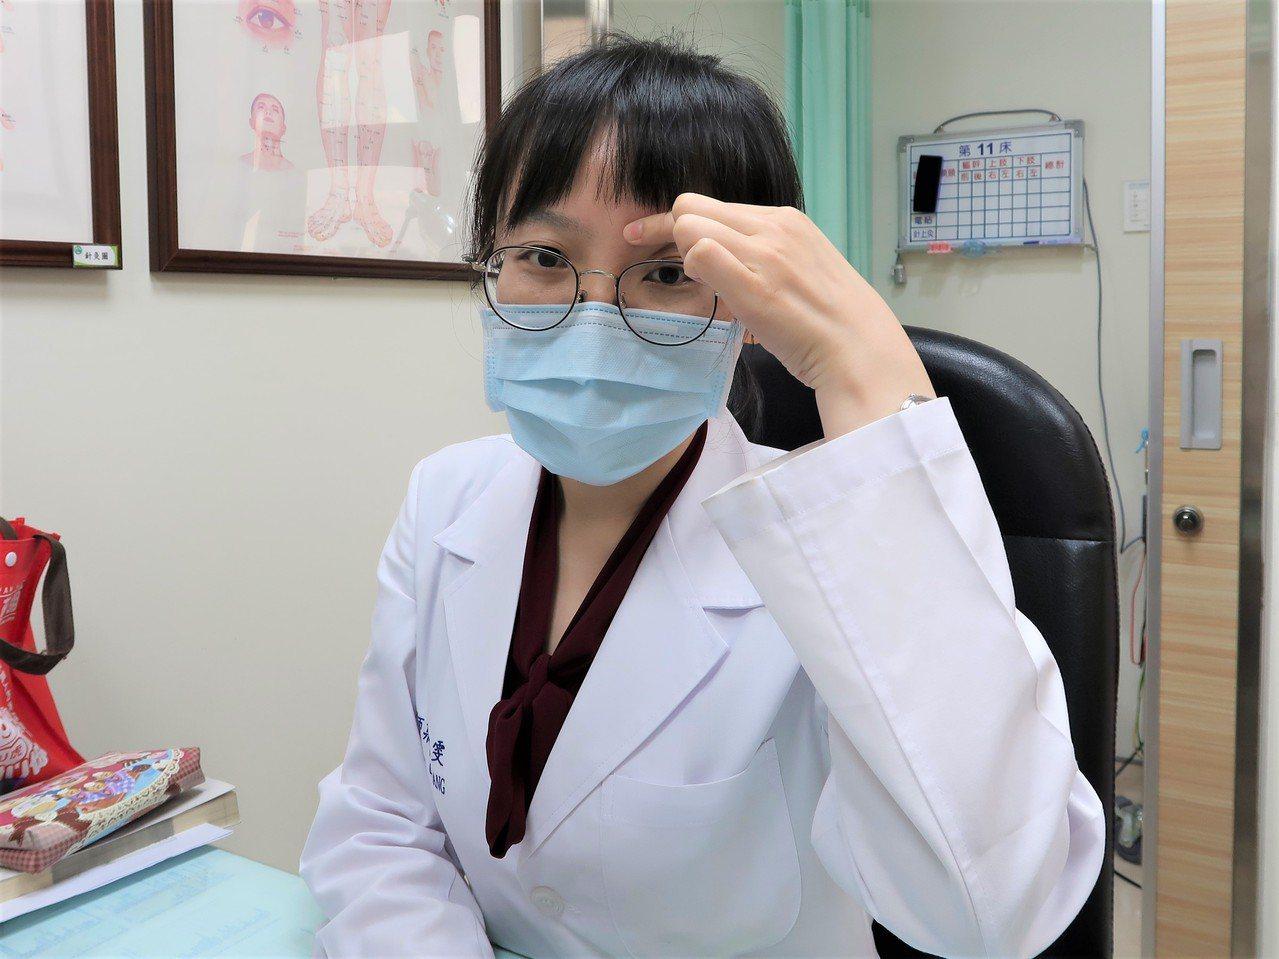 中醫師莊凱雯示範,可按摩眉頭內端凹陷處的「攢竹穴」,保養眼睛。 圖/南基醫院提供